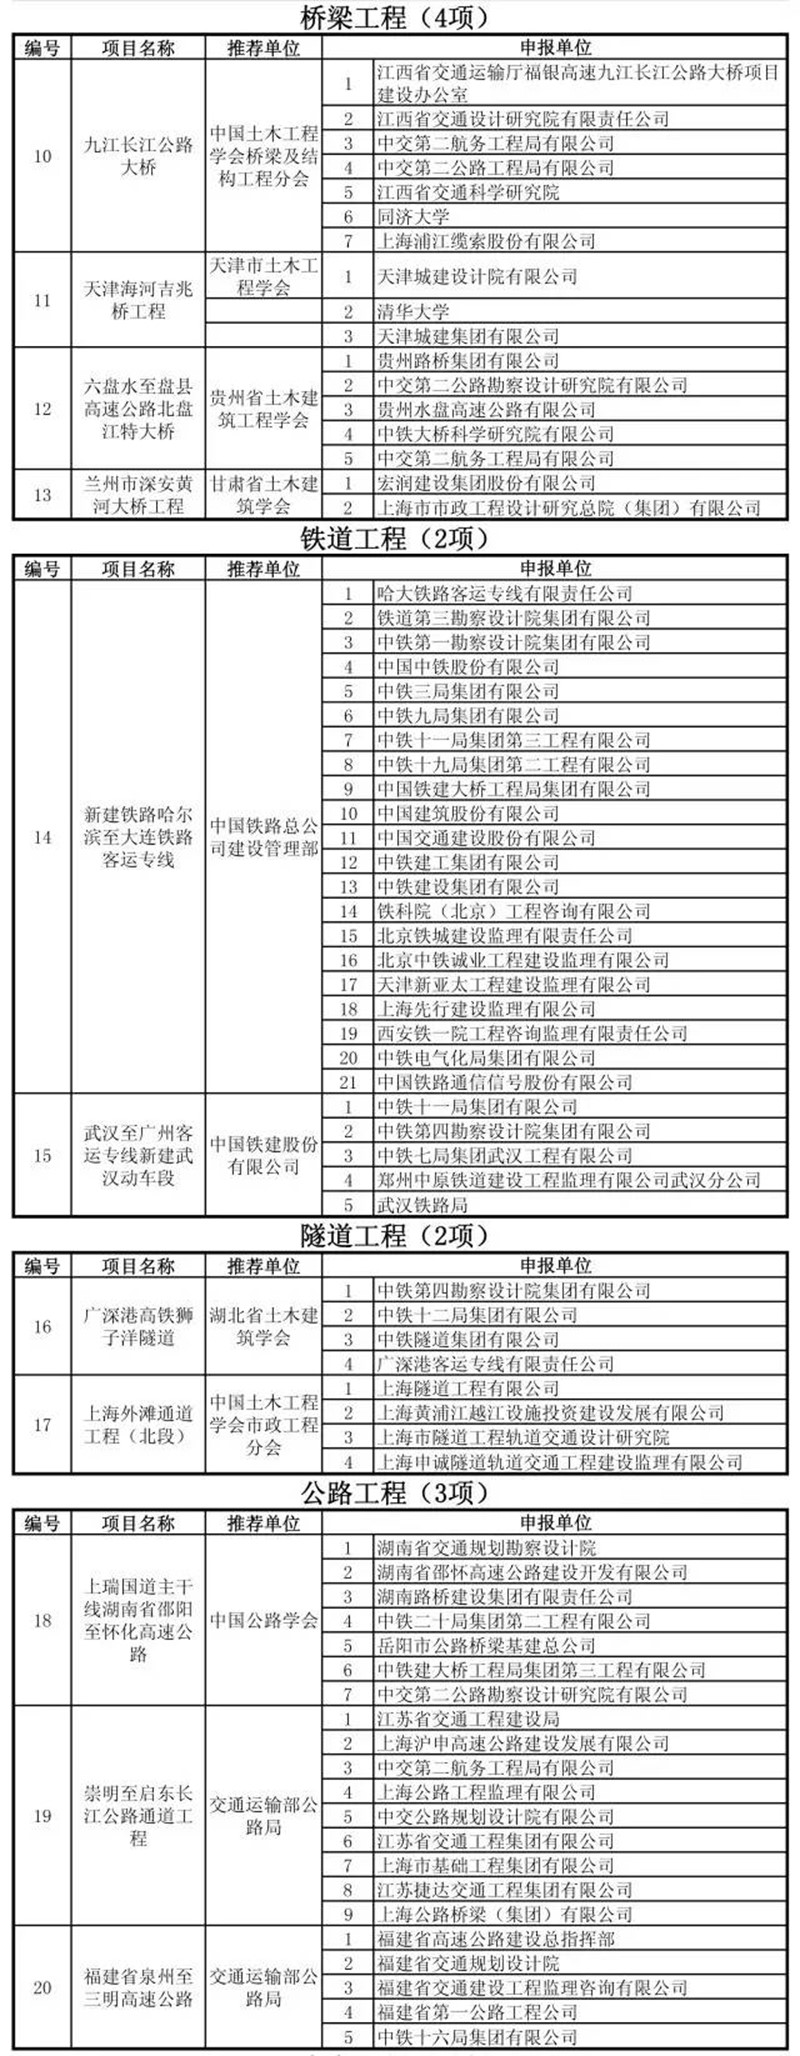 第十四届中国土木工程詹天佑奖:奖项揭晓 共29项工程获奖-BIMBANK